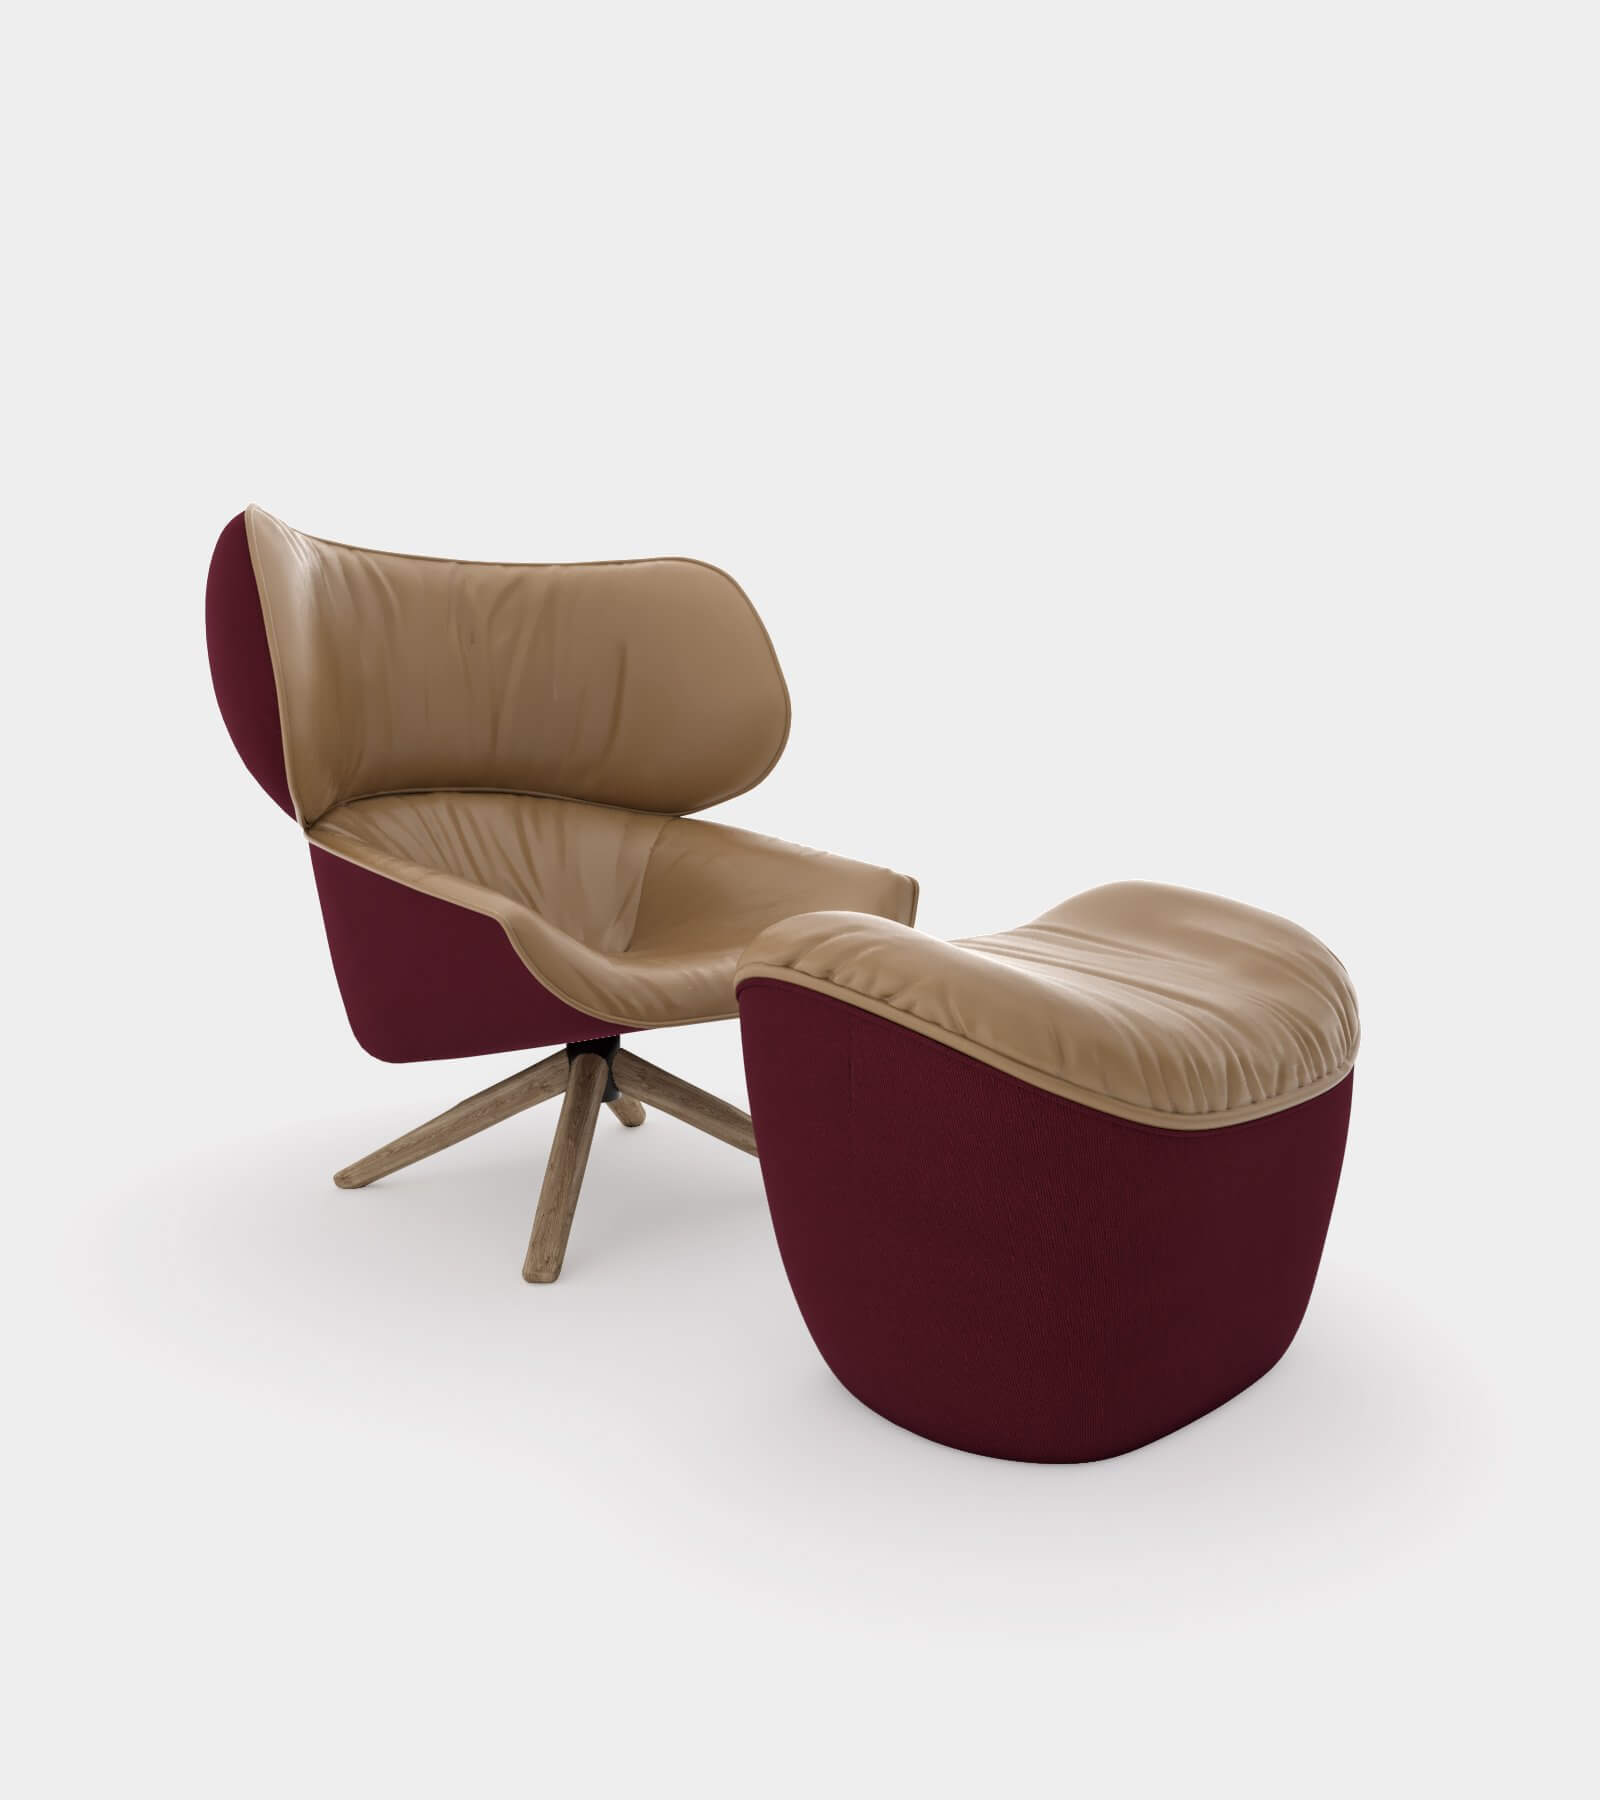 Armchair with headrest ears1 - 3D Model